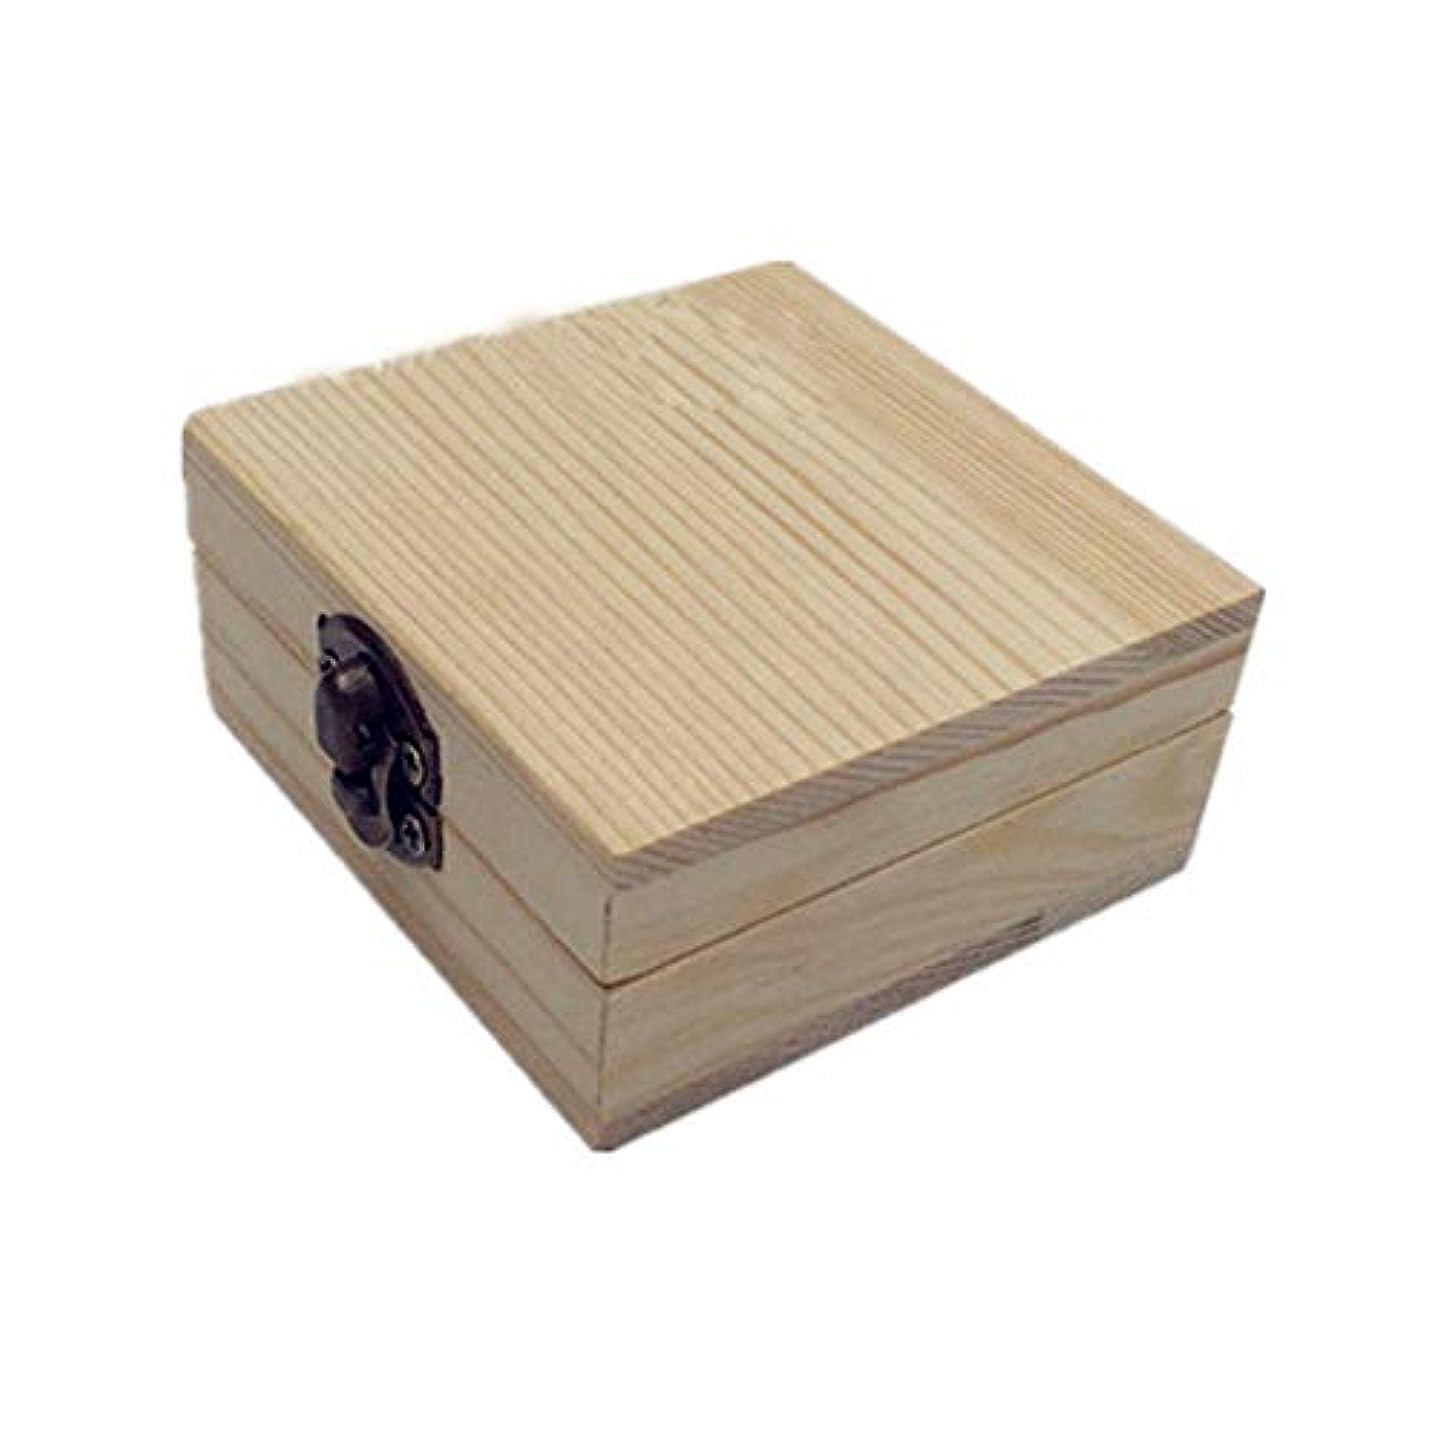 誘導亡命半径木製のエッセンシャルオイルボックスパーフェクトエッセンシャルオイルケースは2本のボトルエッセンシャルオイルのために保持します アロマセラピー製品 (色 : Natural, サイズ : 7X7X3.5CM)